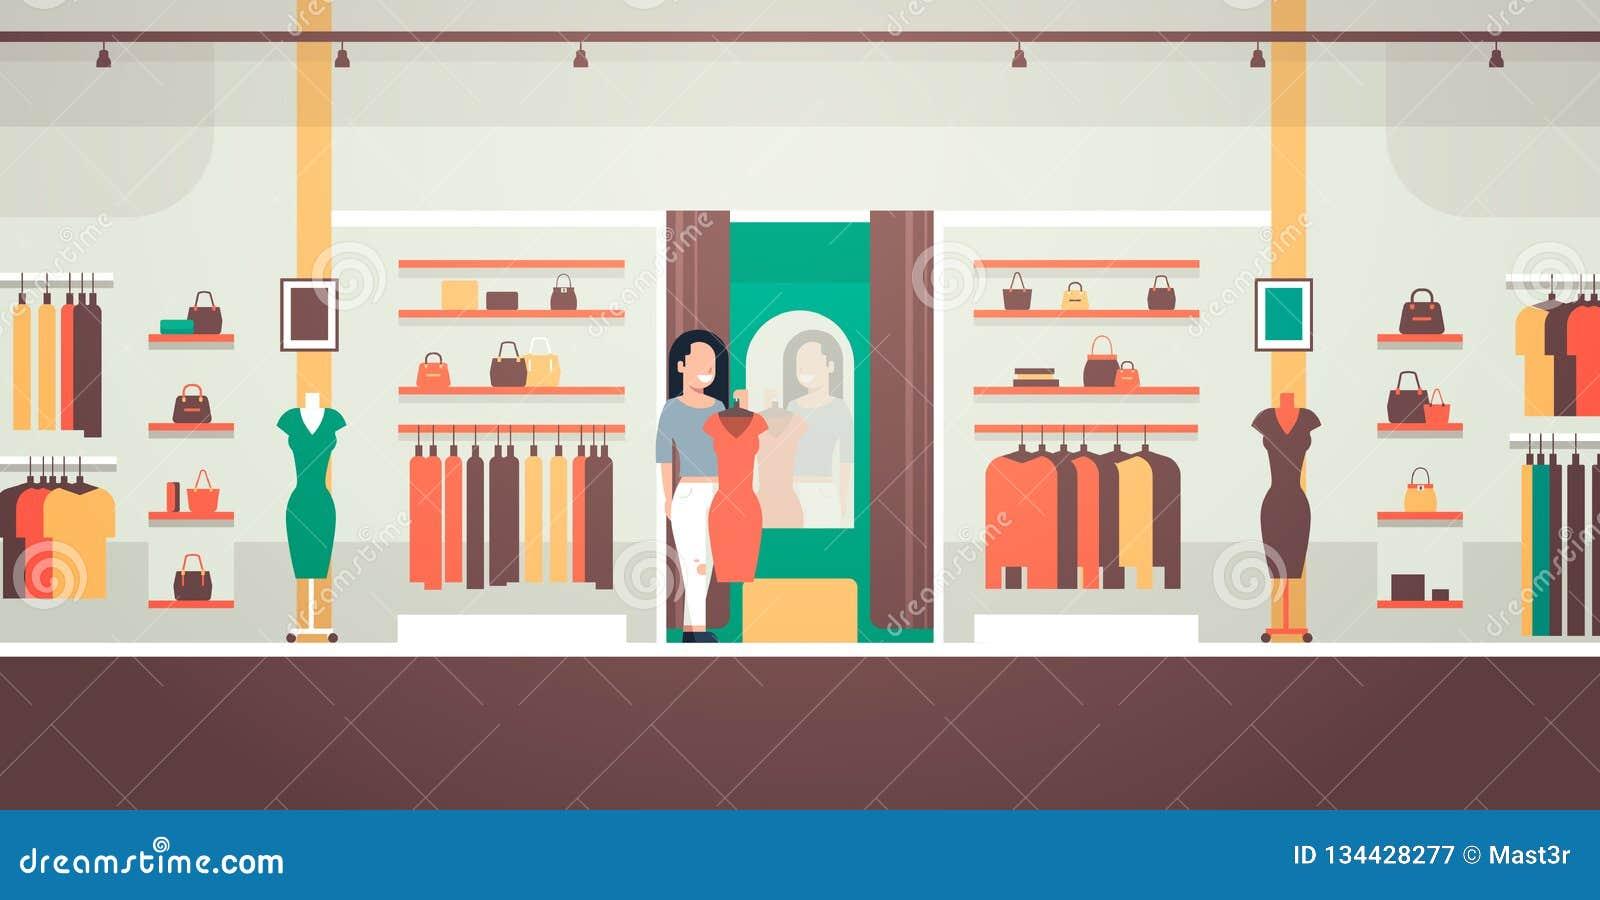 Die Geschäftsfrau, die auf der neues Kleidereleganten Frau betrachtet Spiegelmode-Geschäftsfrauenkleider versucht, vermarkten das